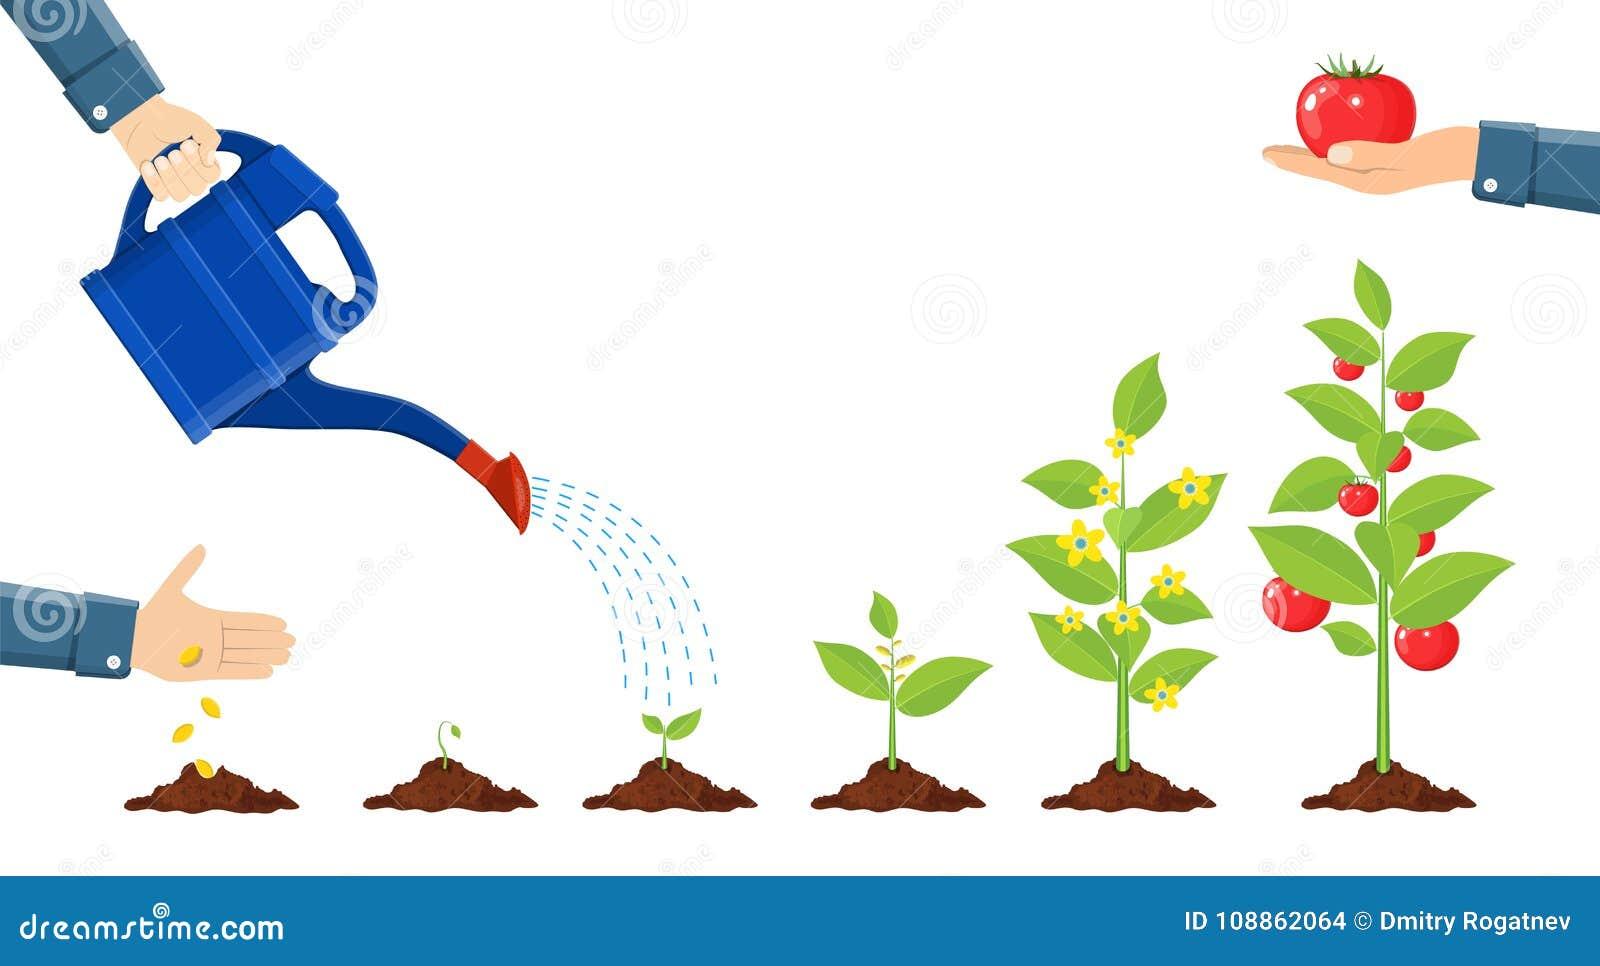 植物生长需要哪些因素 植物生长因素花鸟鱼虫植物学图片